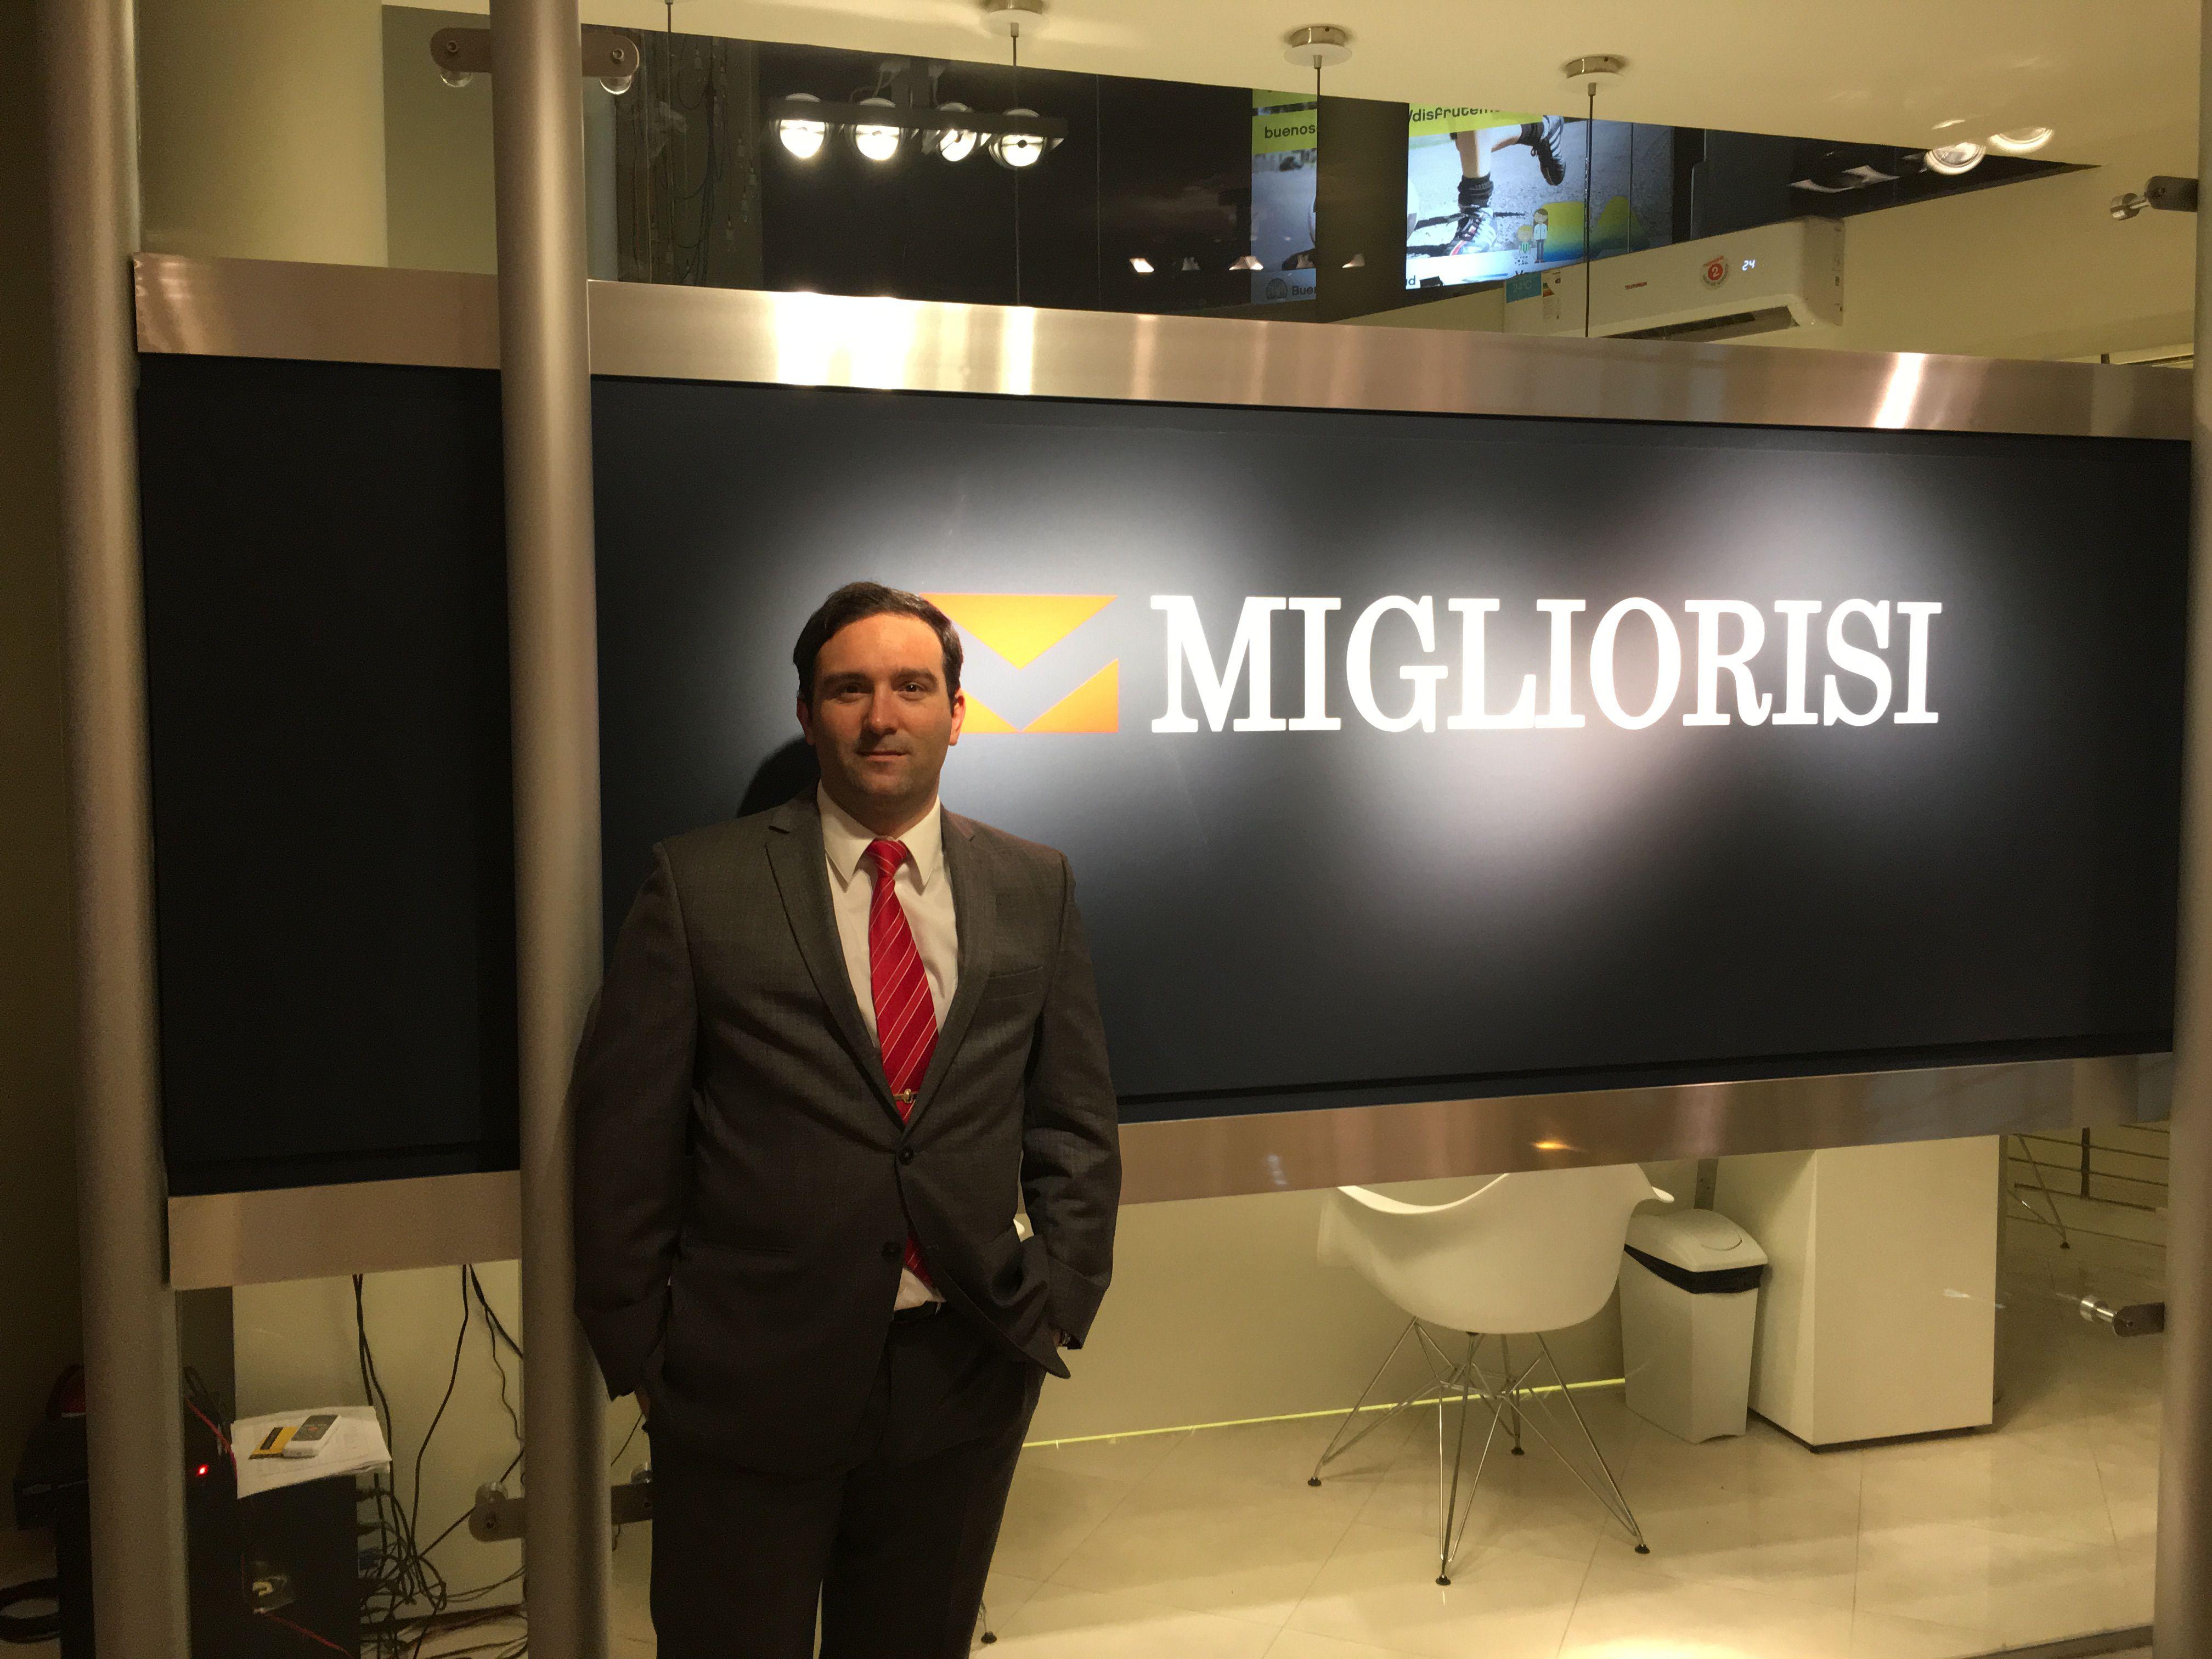 Diego Migliorisi, Socio Gerente de inmobiliaria Migliorisi.